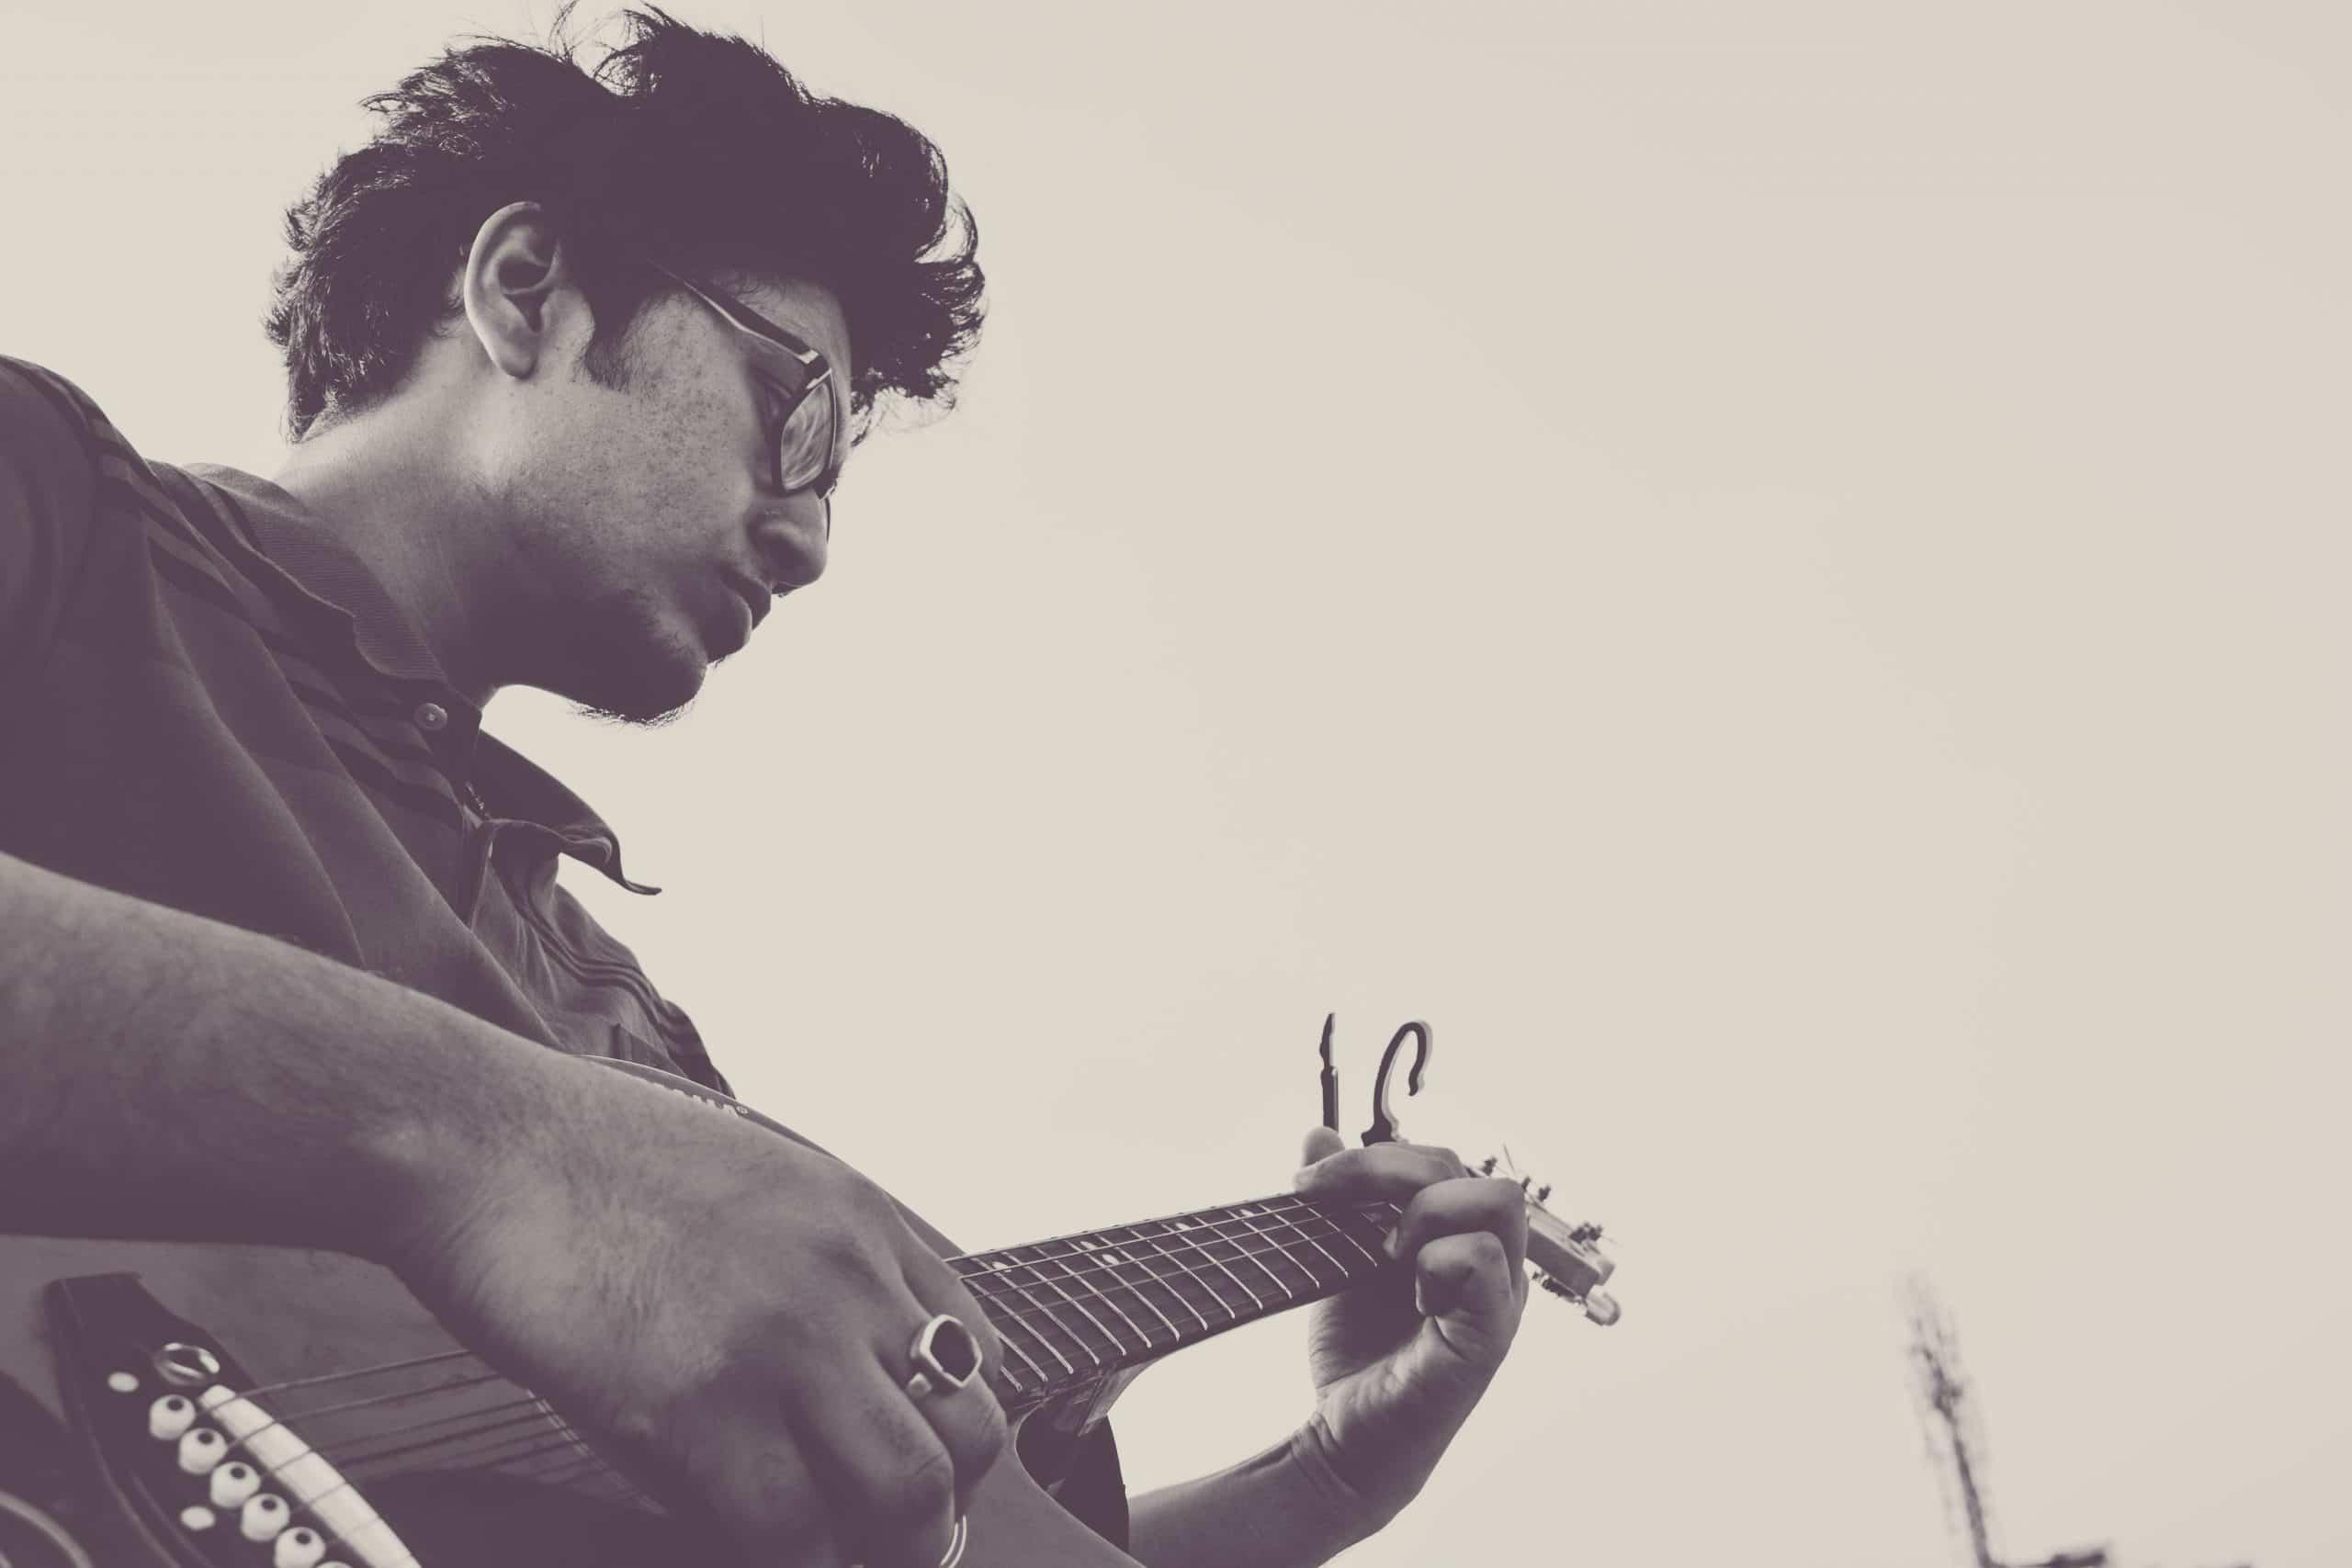 Homem jovem de óculos tocando música em uma guitarra.